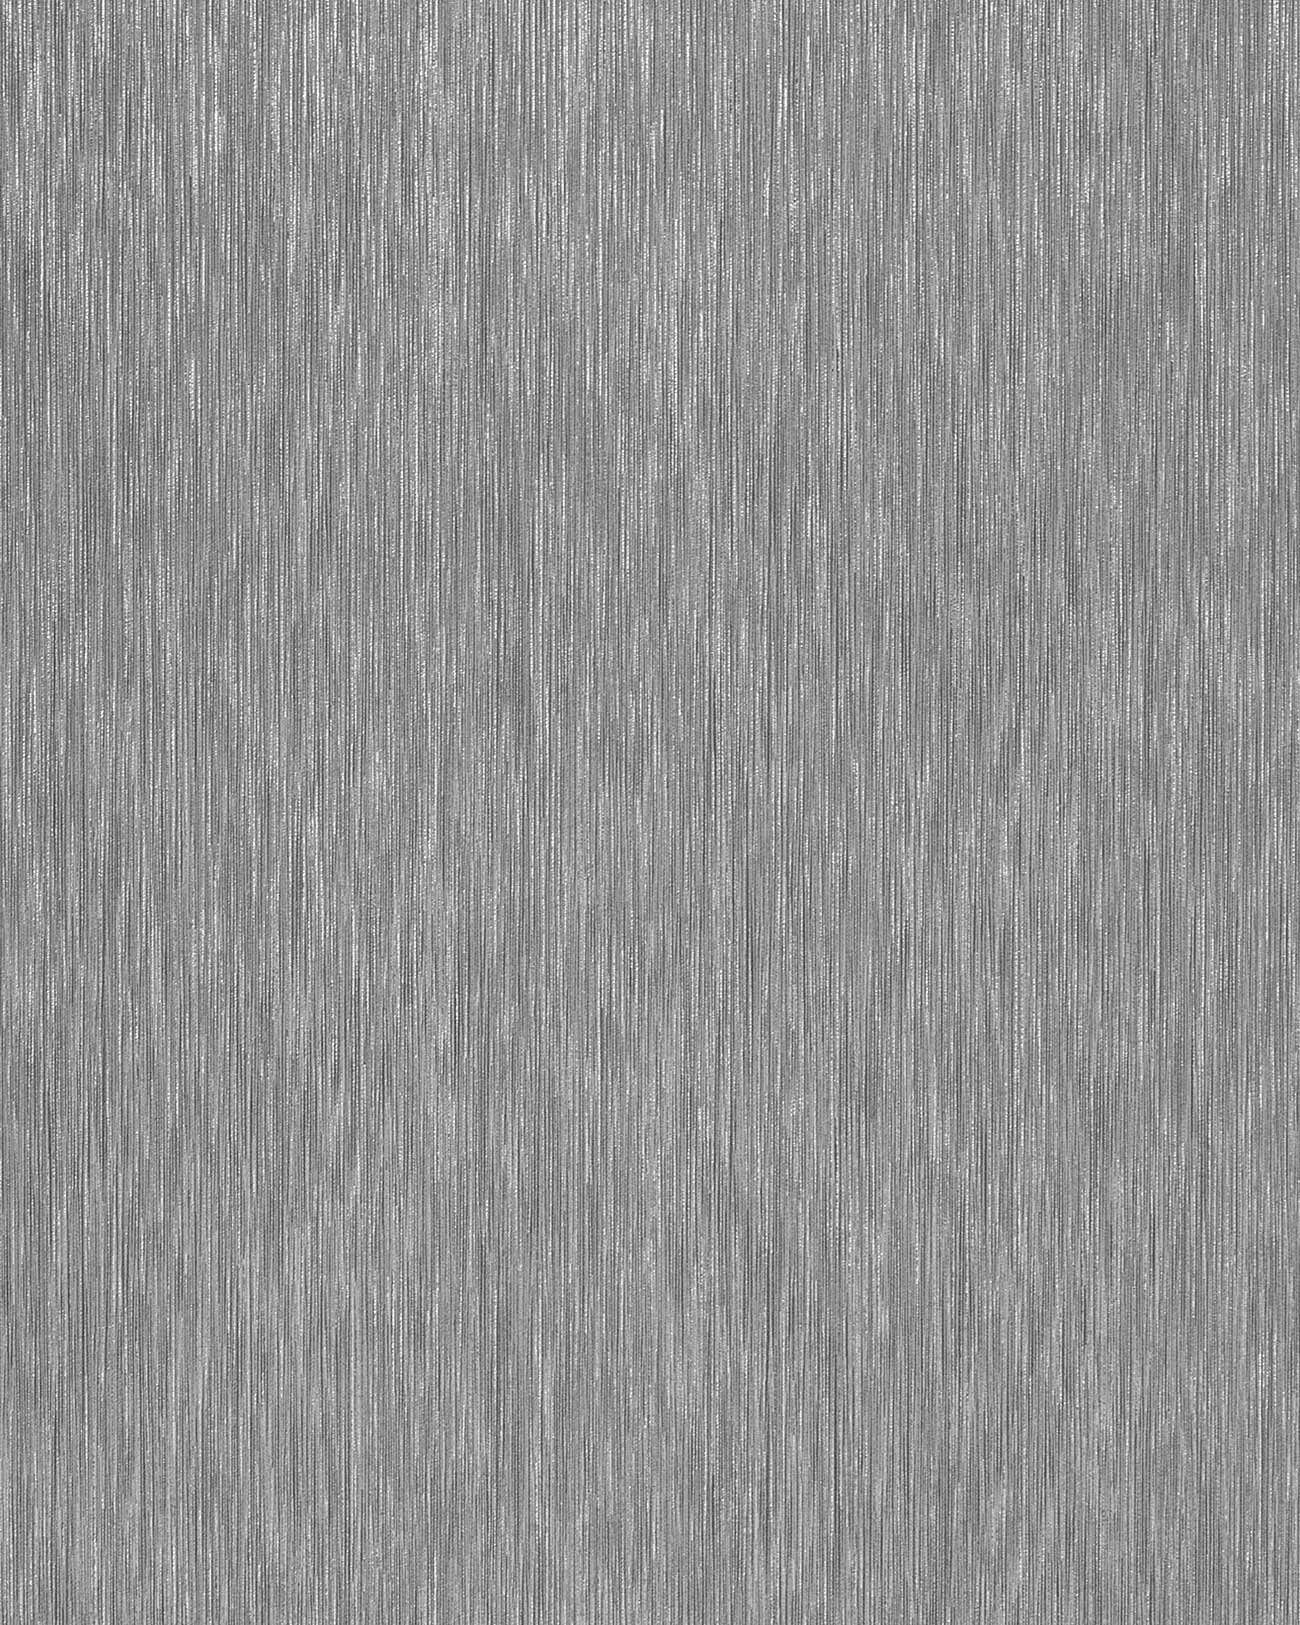 Tapeten Metallic Effekt : Tapeten Mit Metallic Effekt  Vincent Metallic Effekt hochgl?nzend